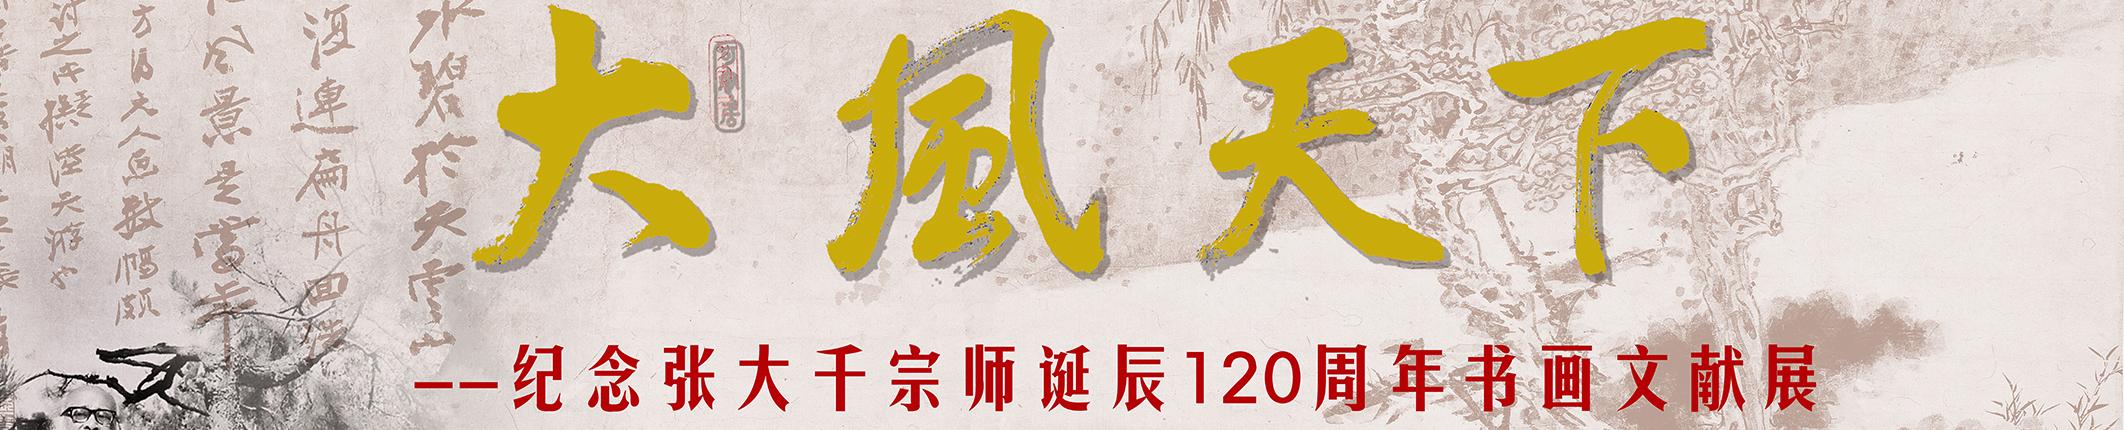 2019年5月10日 大风天下 纪念张大千宗师诞辰120周年书画文献展